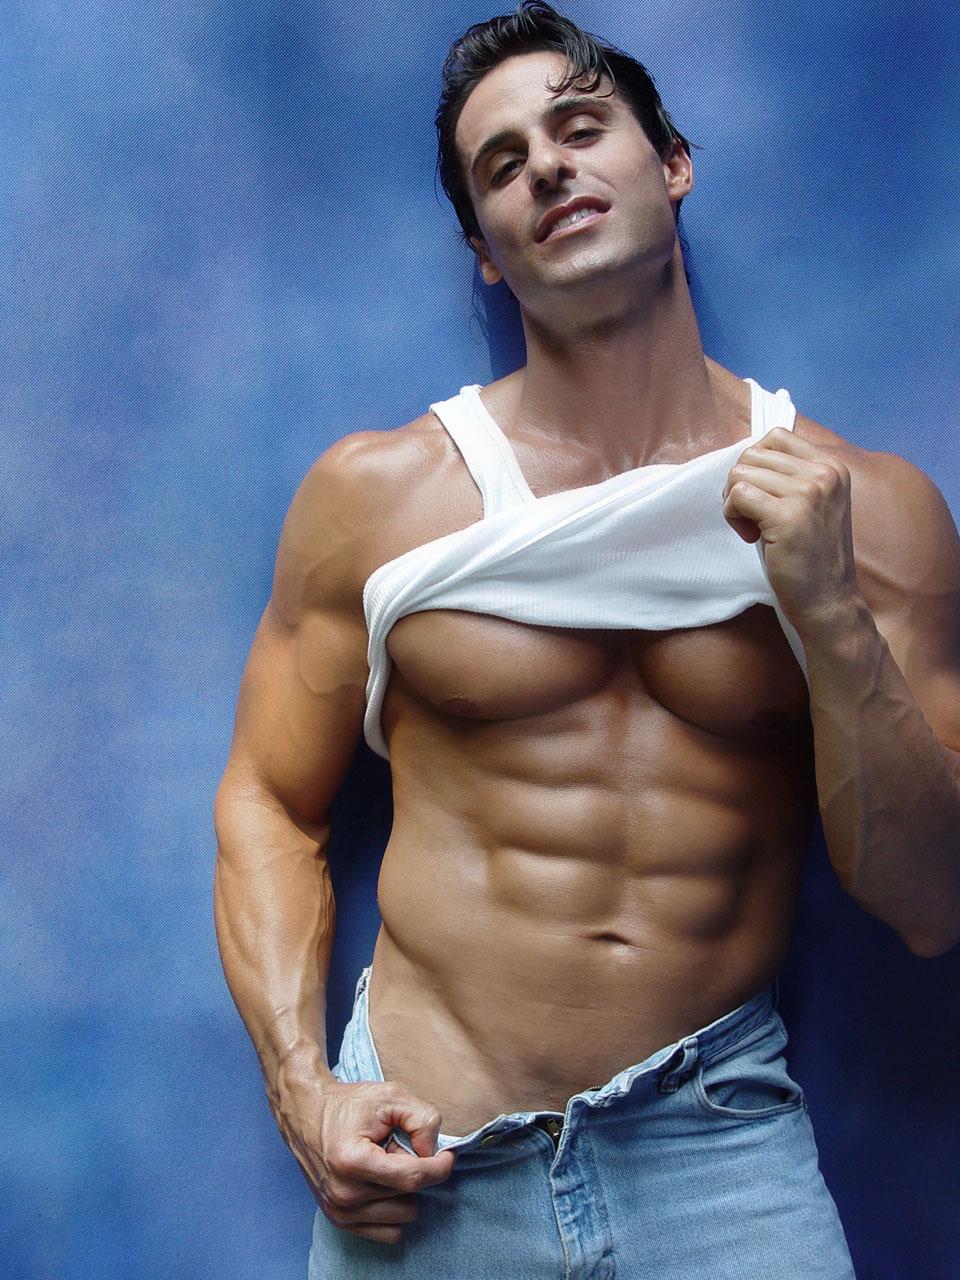 hot sweaty women exercising naked